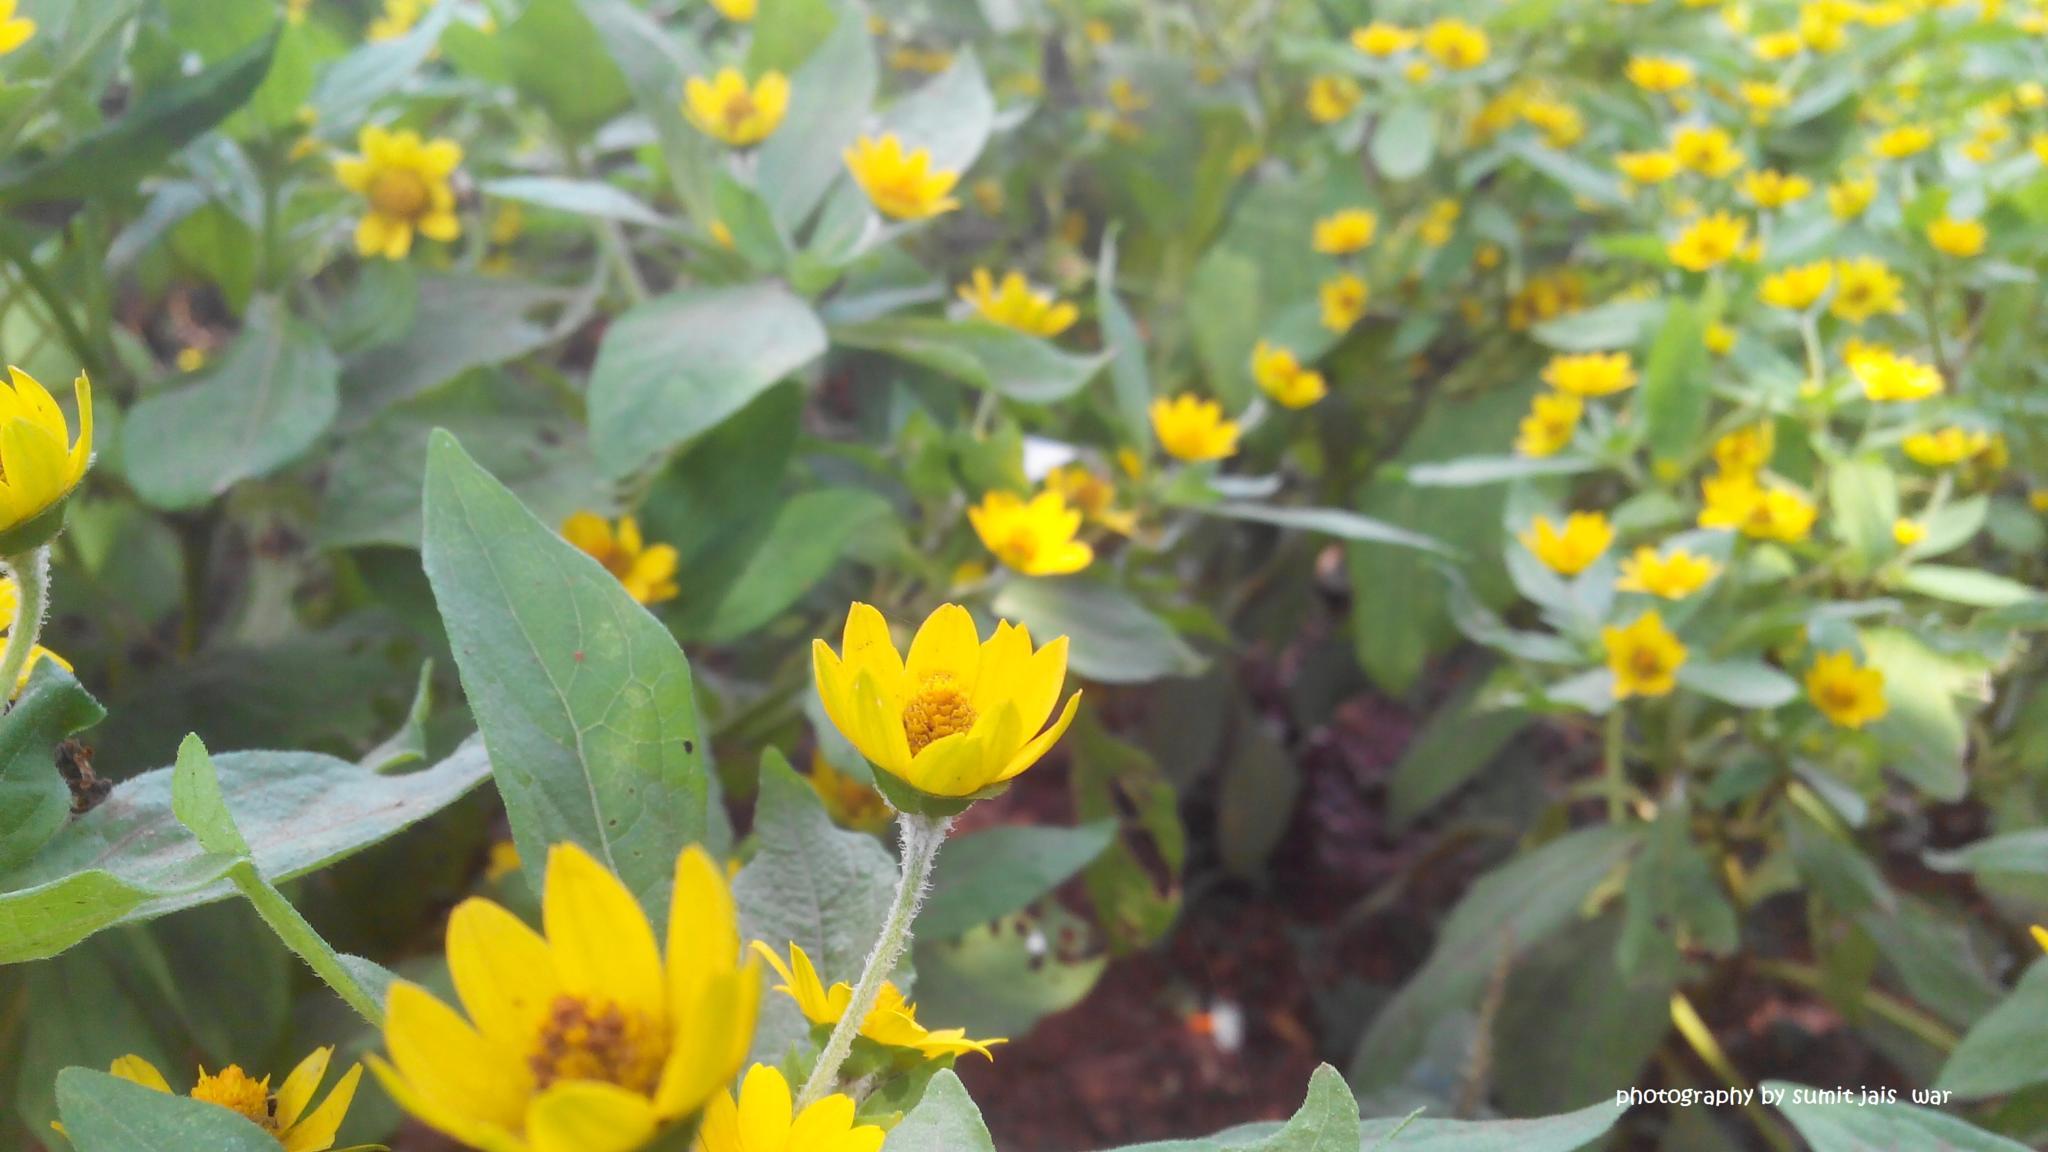 flower by sumit jaiswar